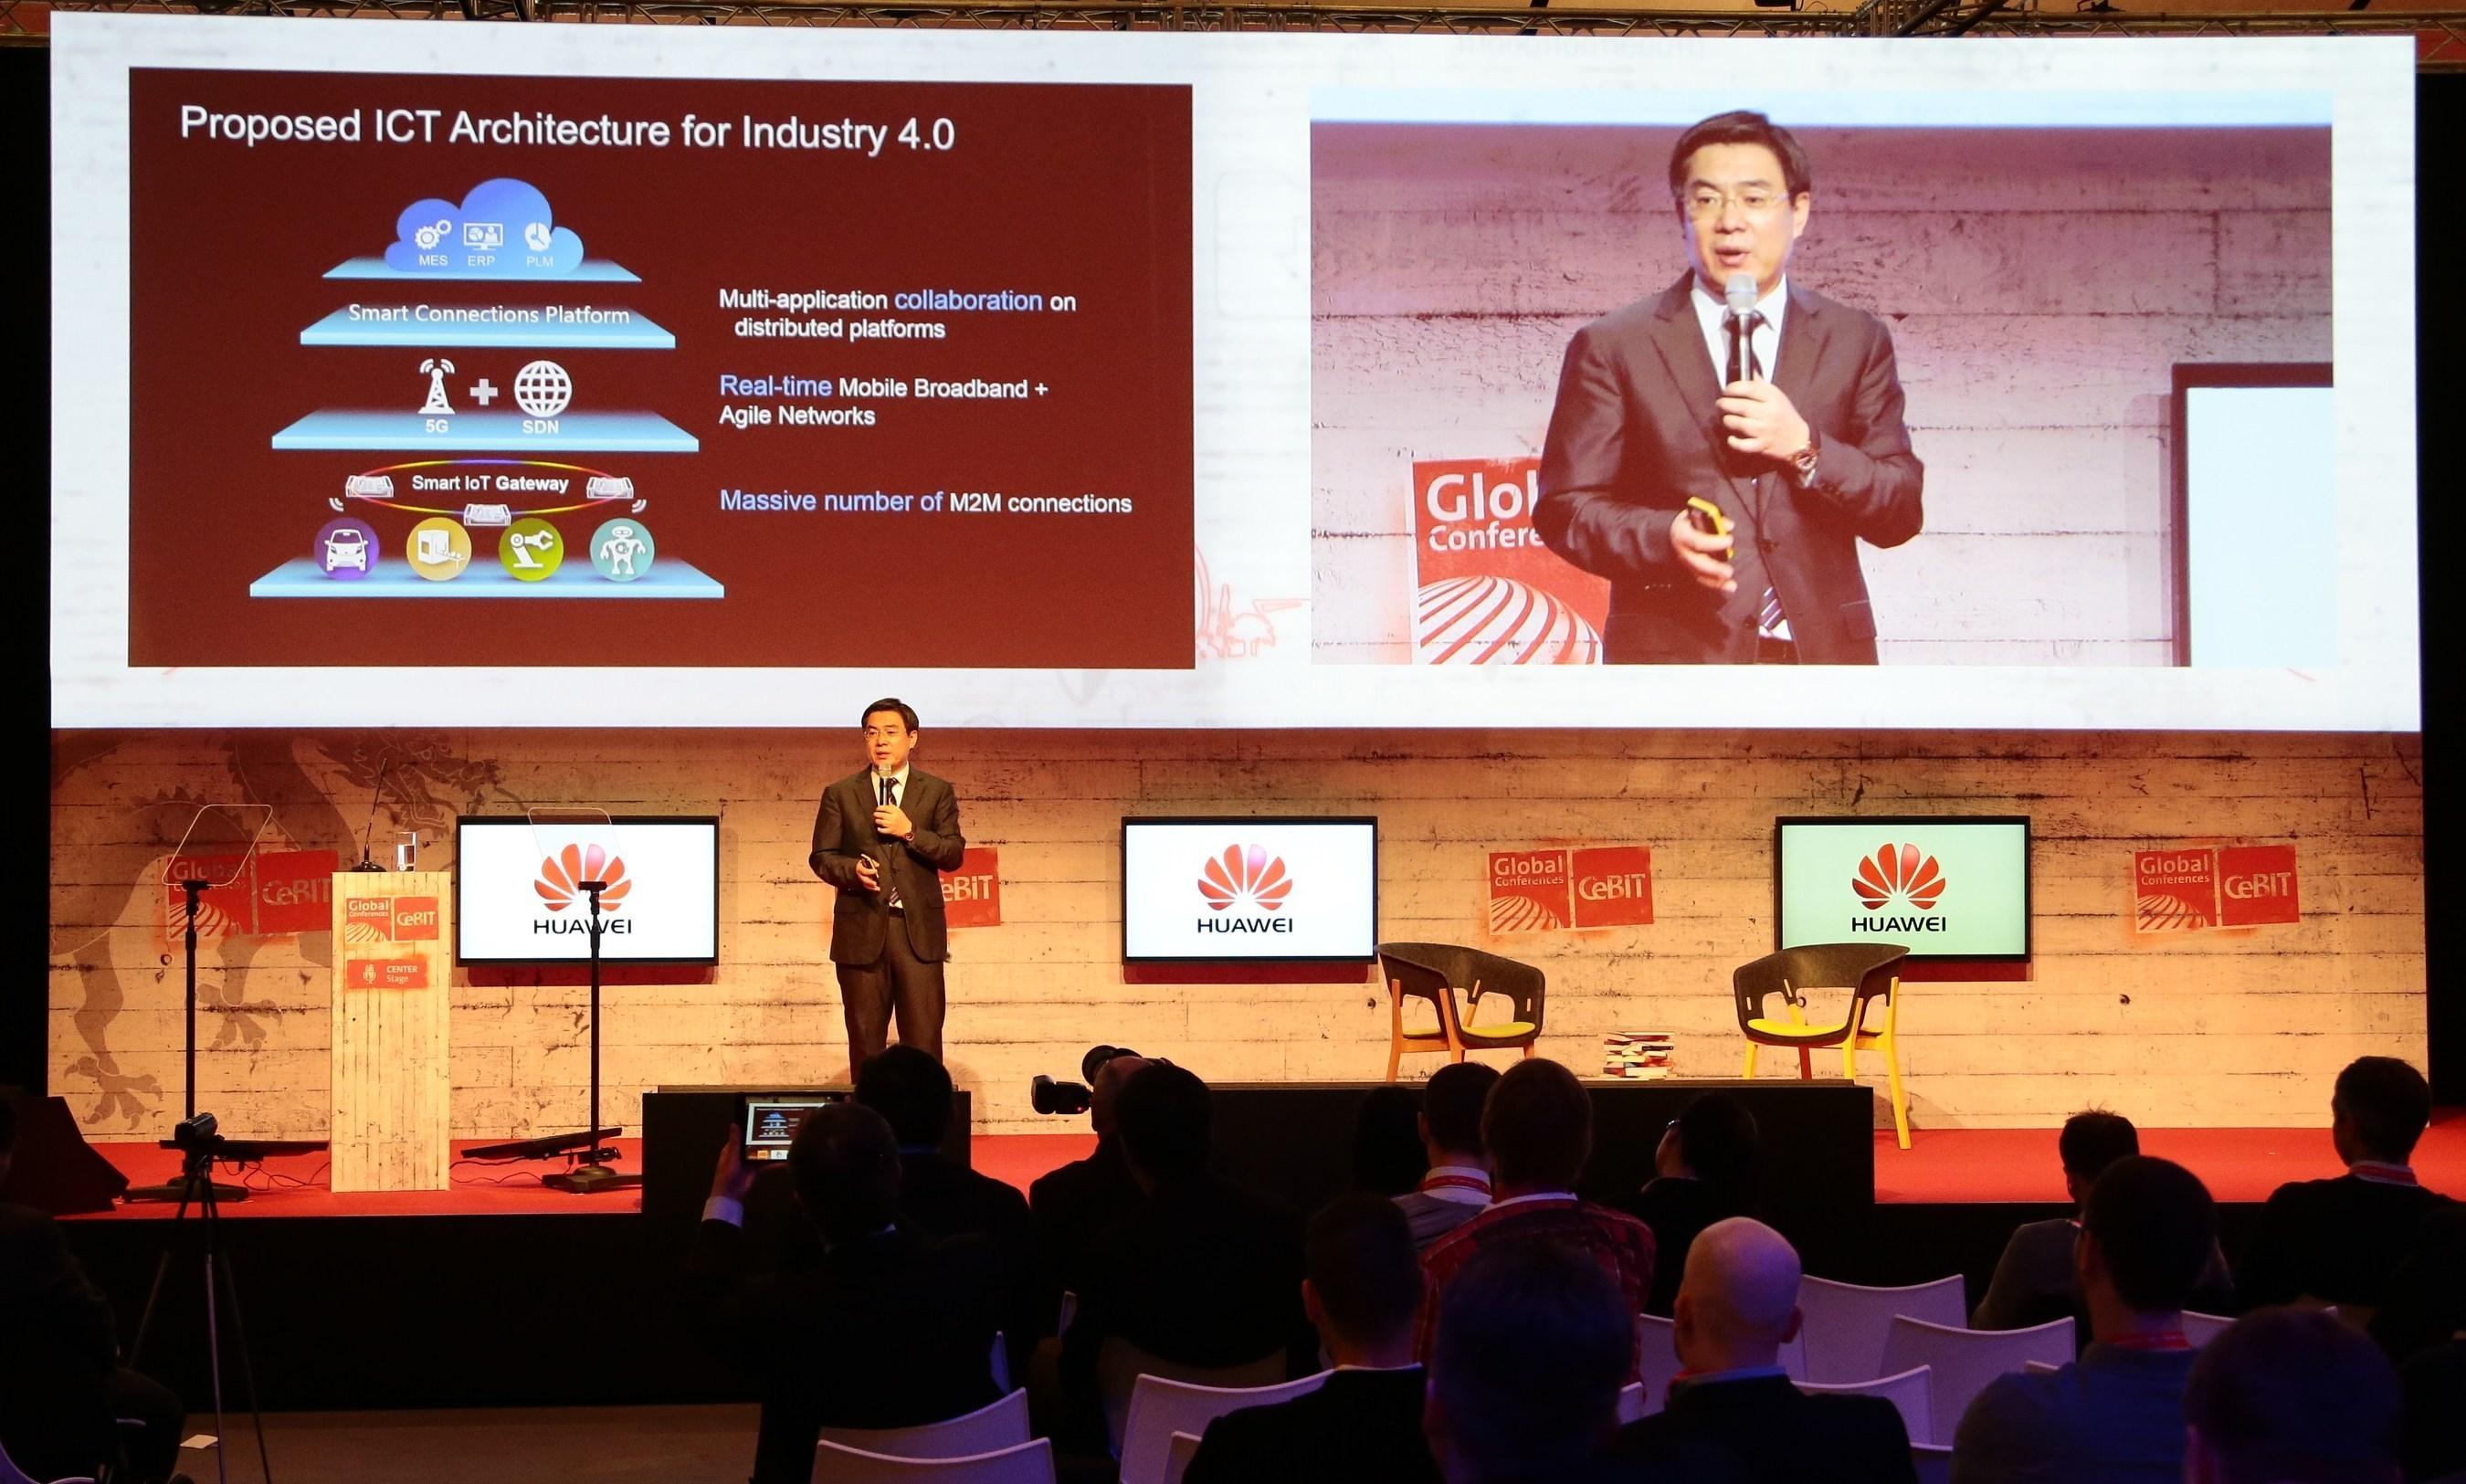 Huawei пропагандирует открытие инновации во взаимовыгодном сотрудничестве на выставке CeBIT 2015